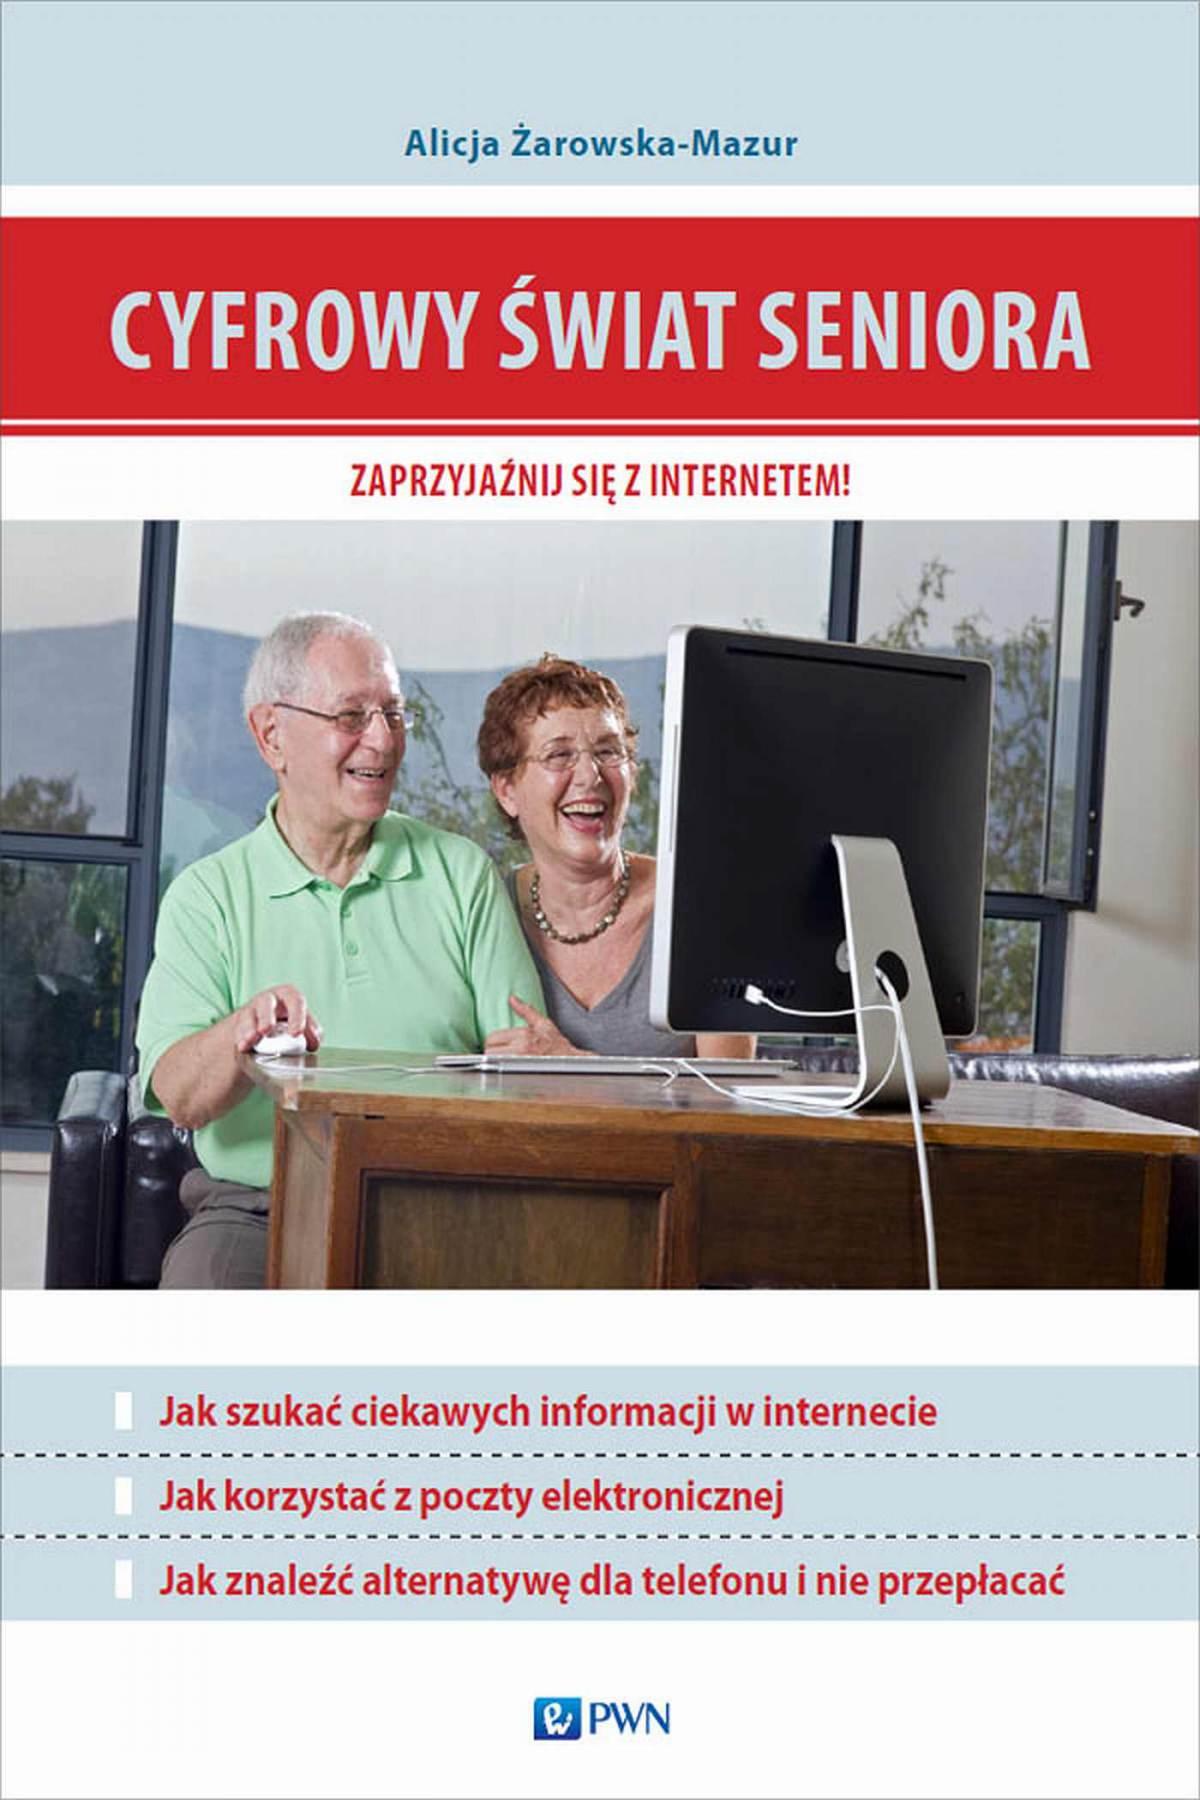 Cyfrowy świat seniora. Zaprzyjaźnij się z Internetem - Ebook (Książka na Kindle) do pobrania w formacie MOBI